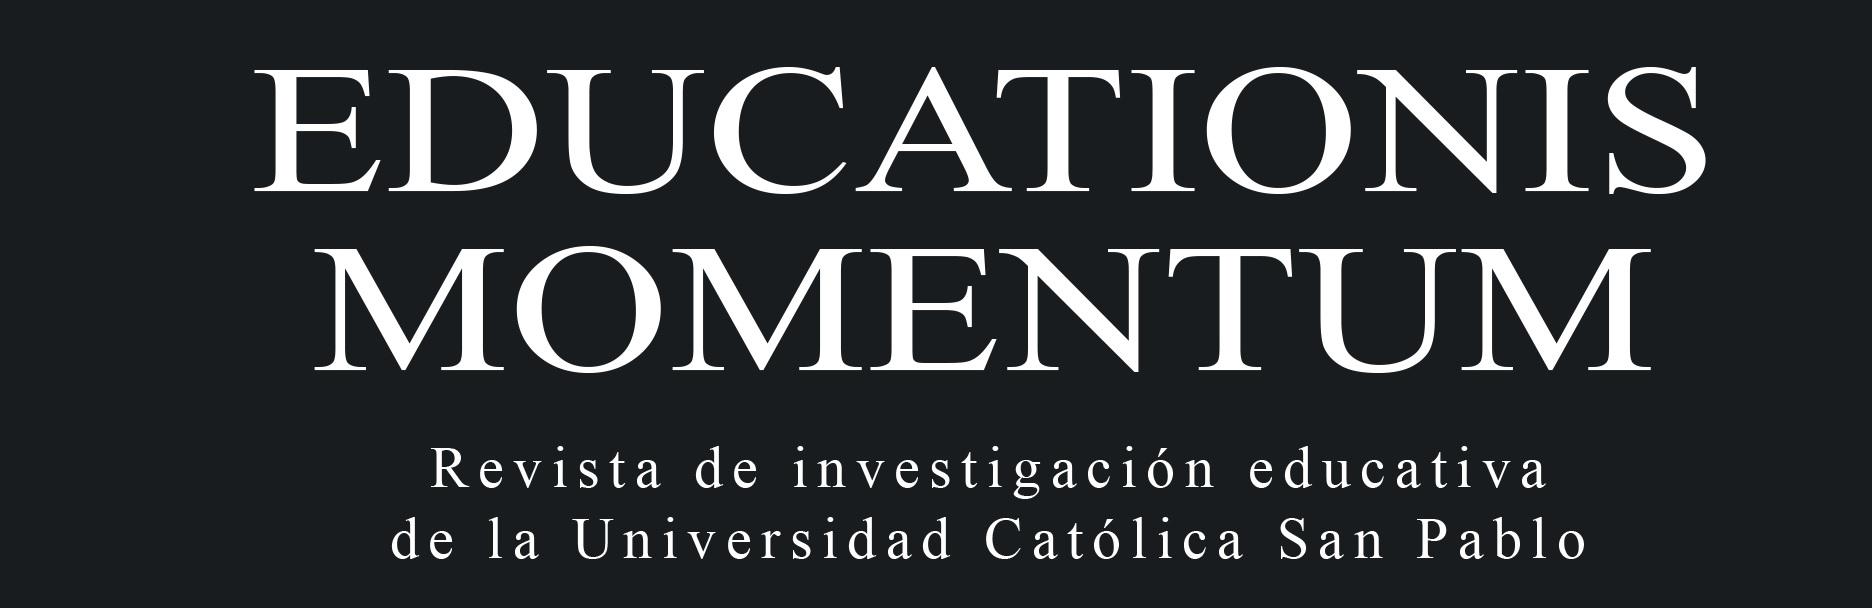 Educationis Momentum